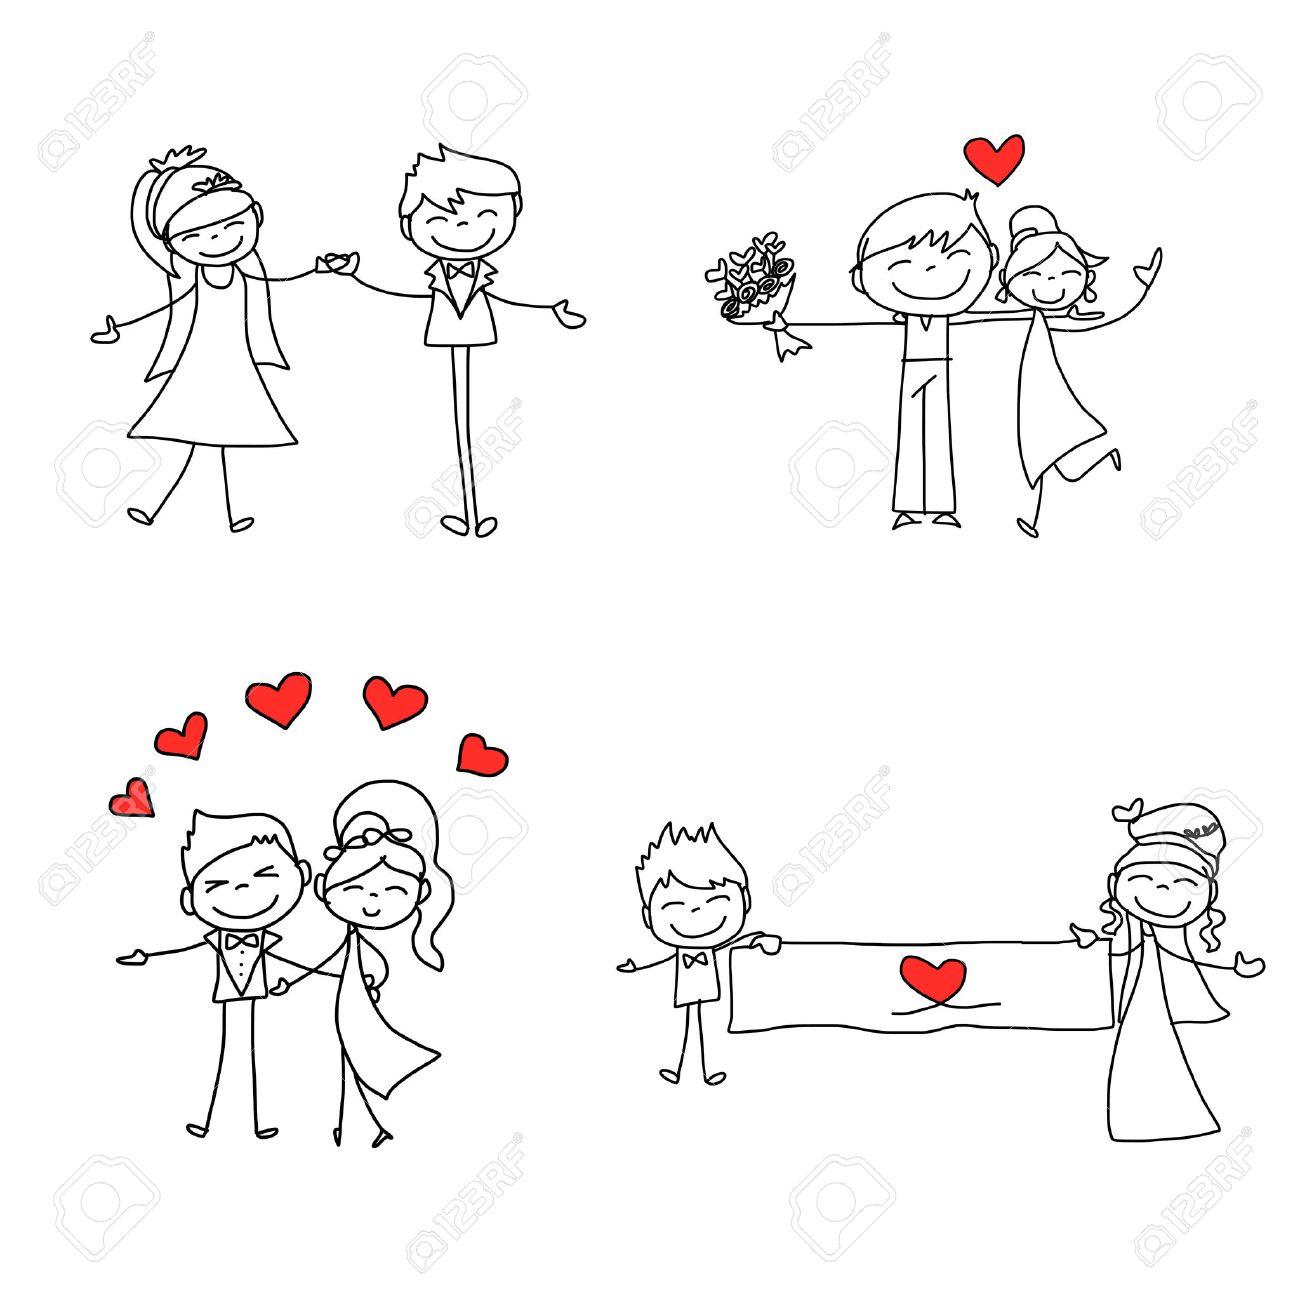 Banque d\u0027images , Dessin à la main de dessin animé amoureux heureux mariage